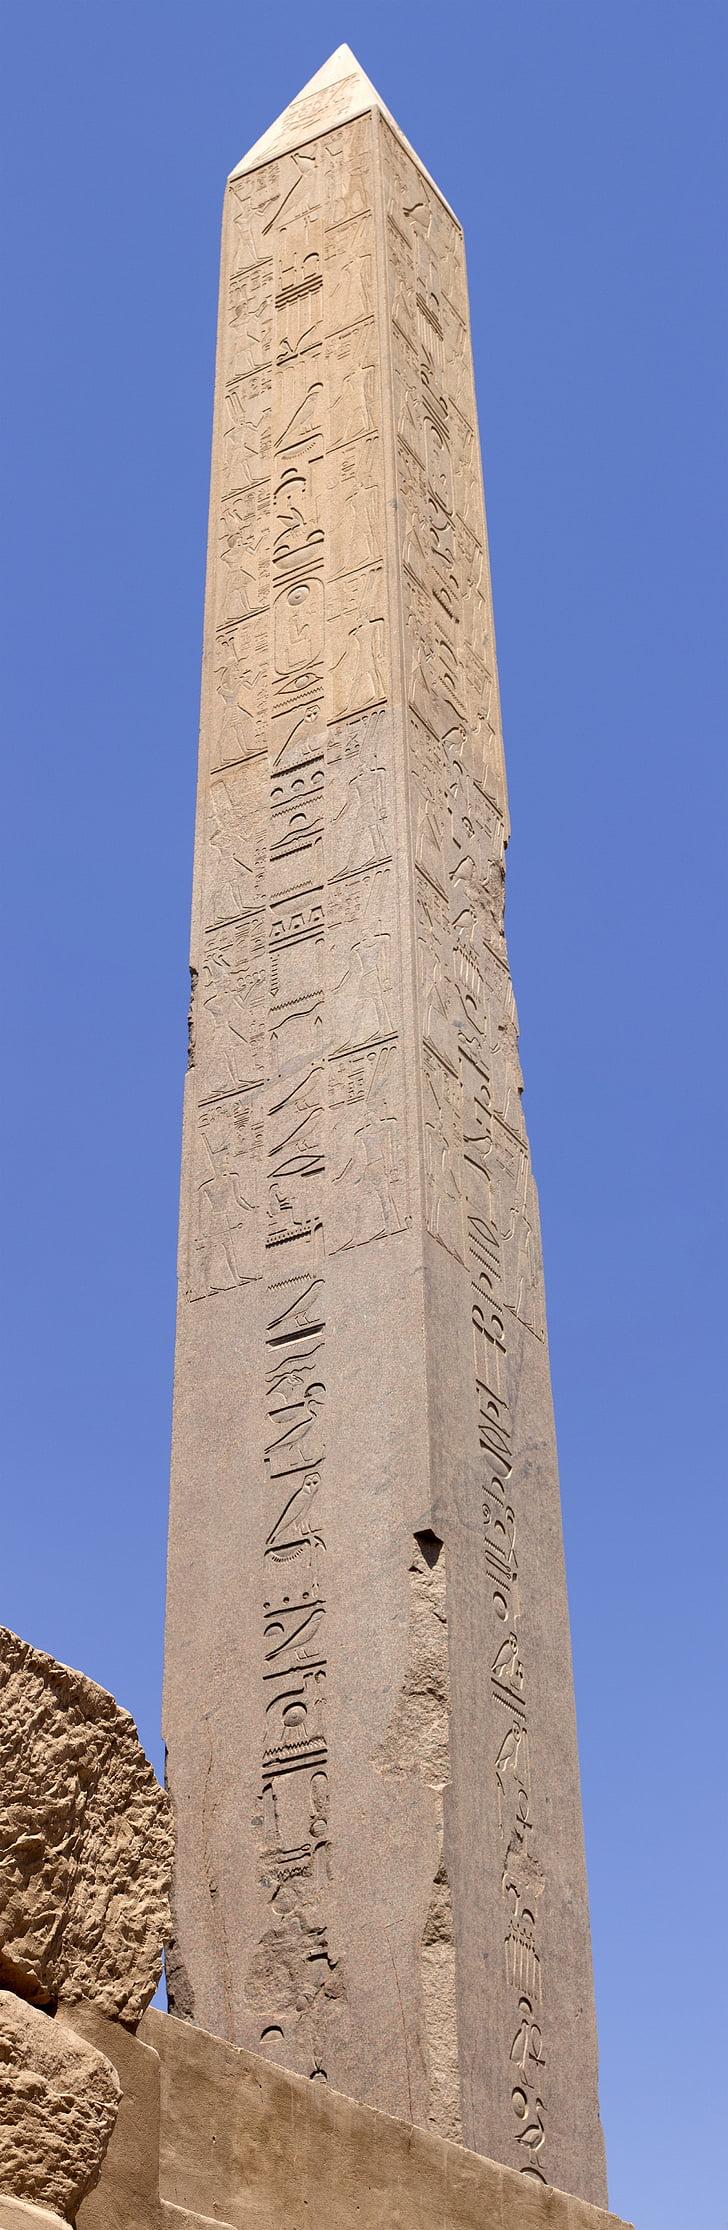 obelisk, karnak, temple, nile, luxor, egypt, culture